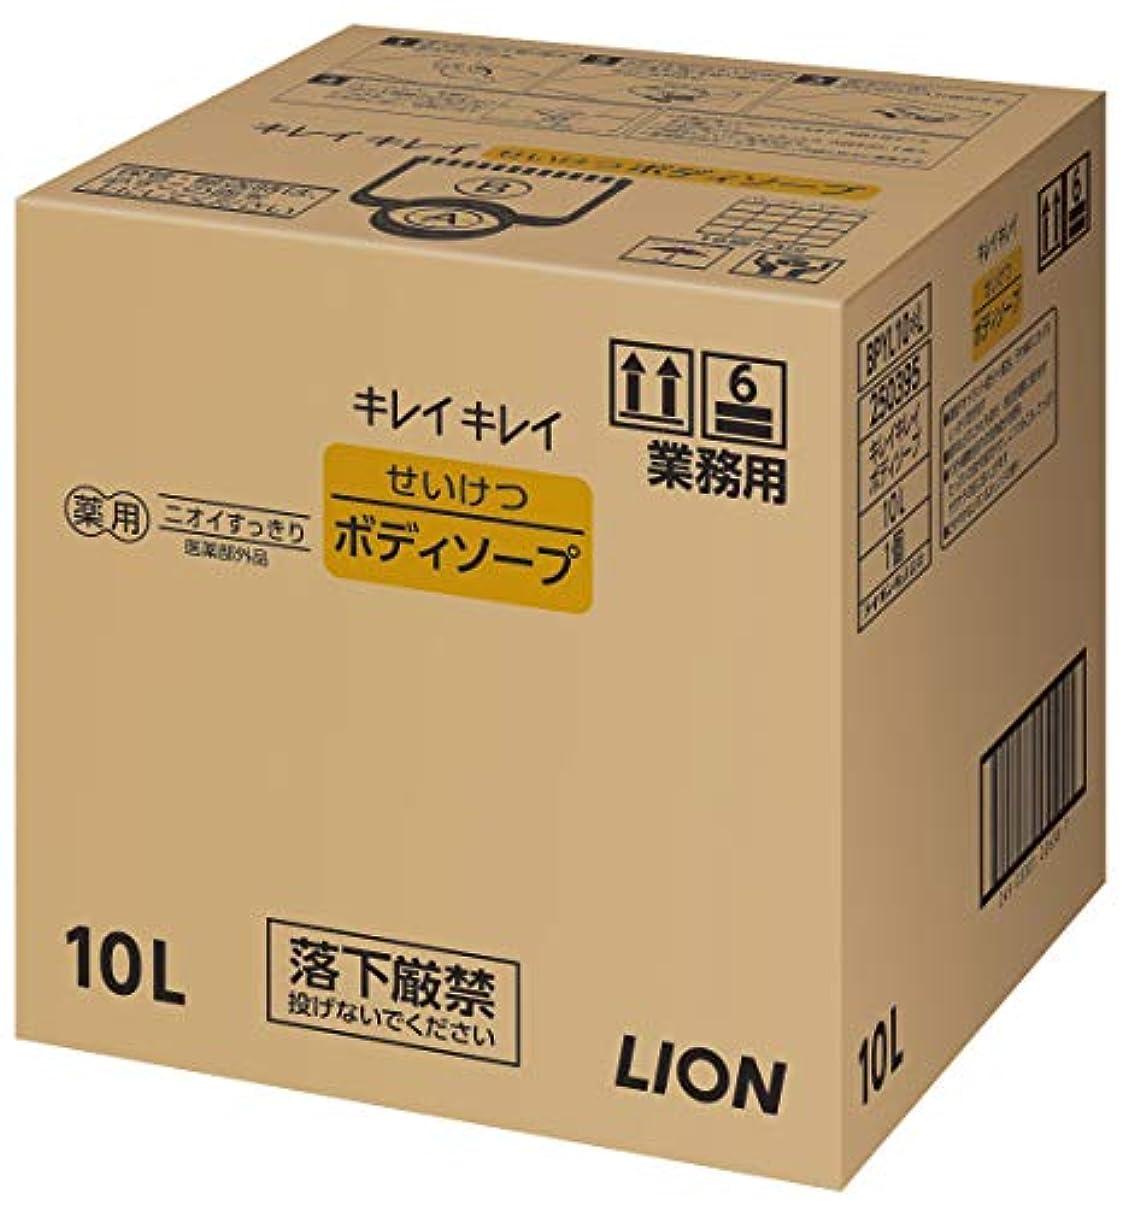 クアッガいらいらするながらキレイキレイ せいけつボディソープ さわやかなレモン&オレンジの香り 業務用 10L